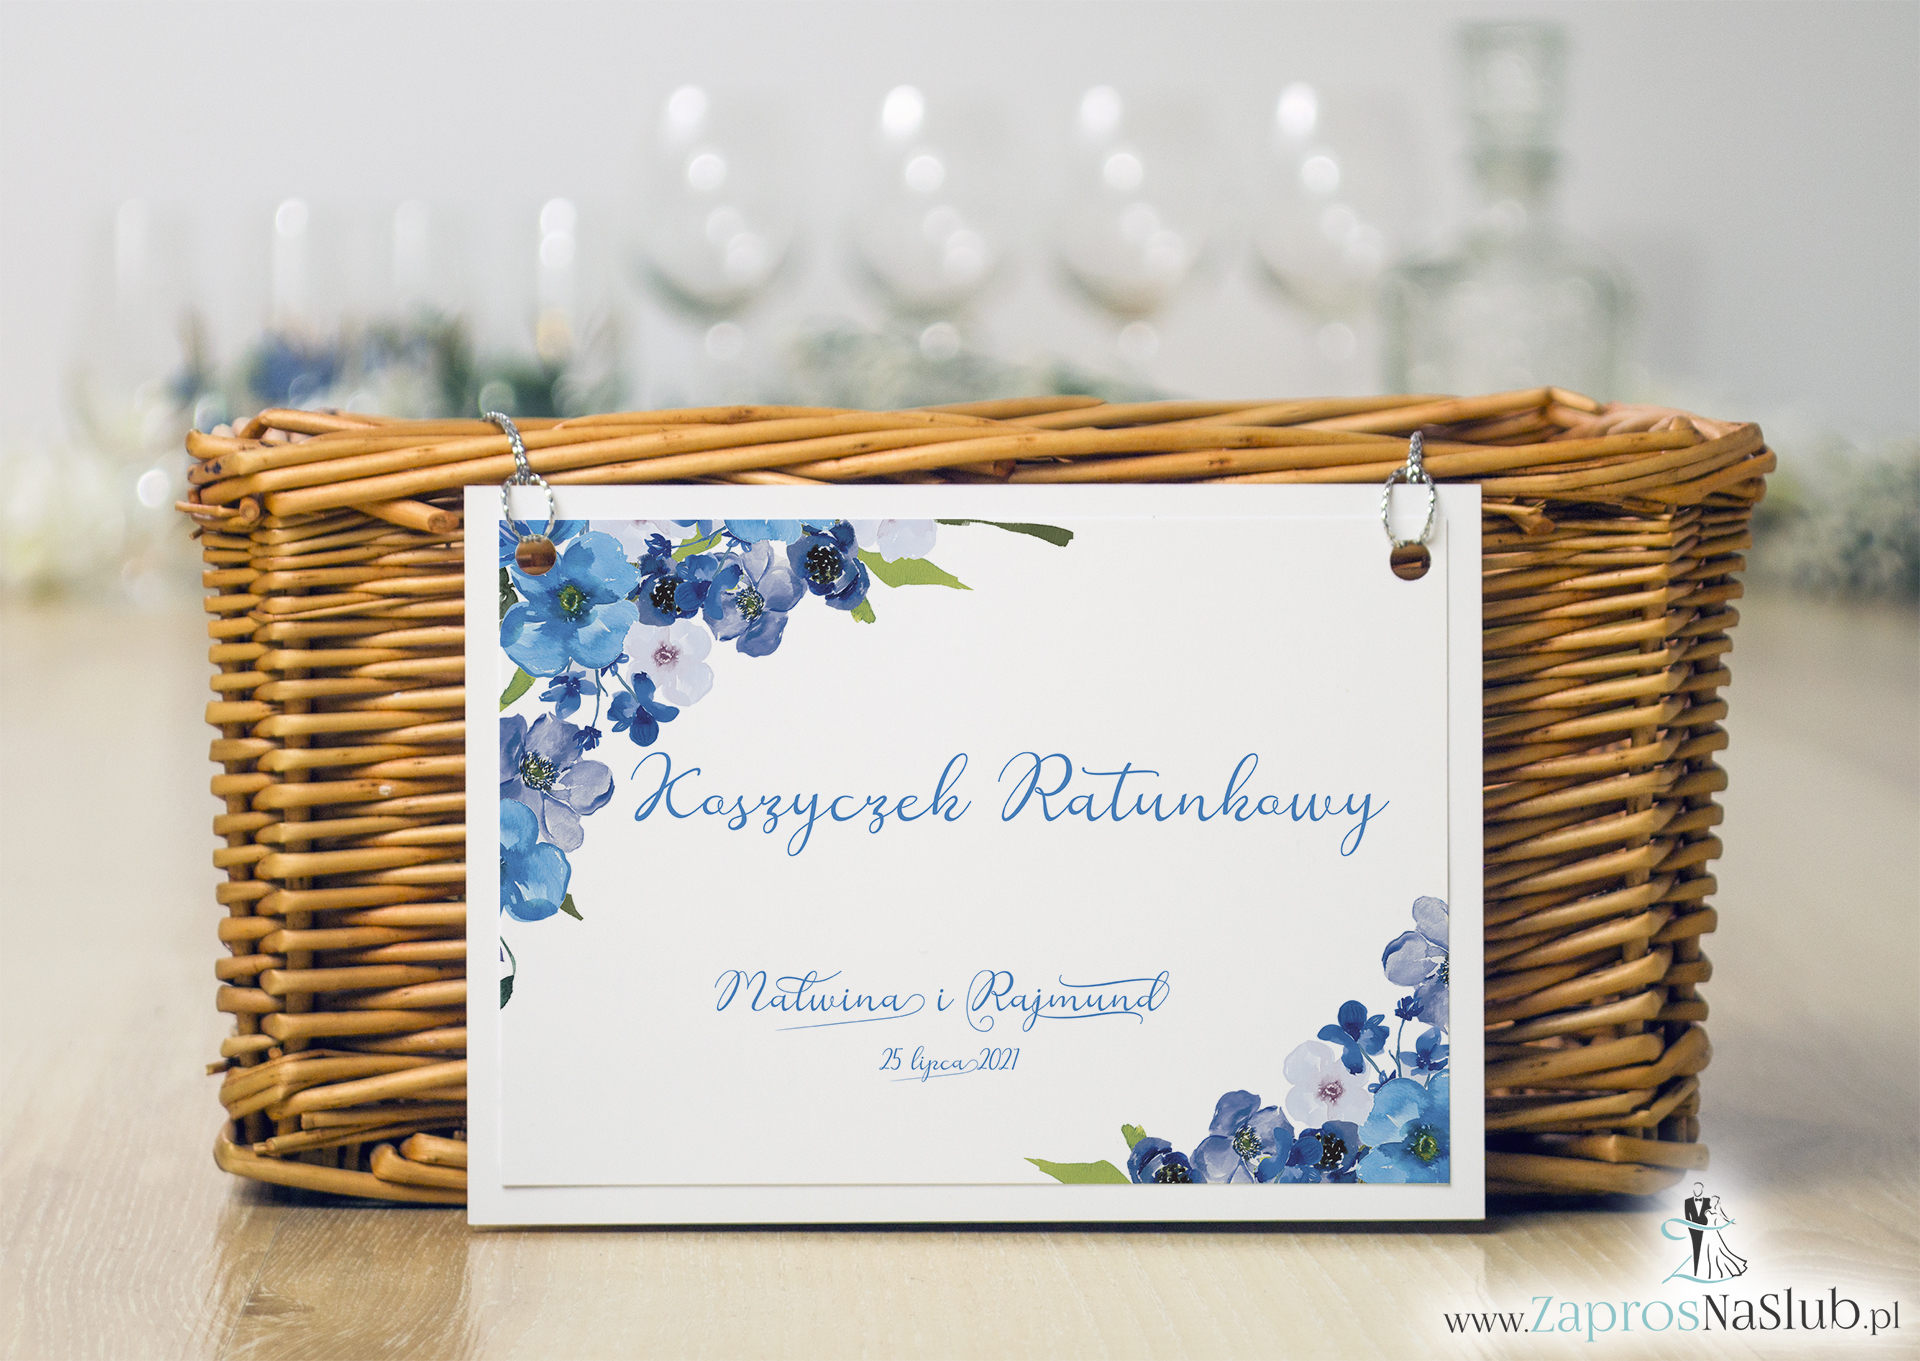 Koszyczek ratunkowy z niebieskimi kwiatami i srebrnym sznurkiem. KOS-10004 - Zaproszenia ślubne ZaprosNaSlub